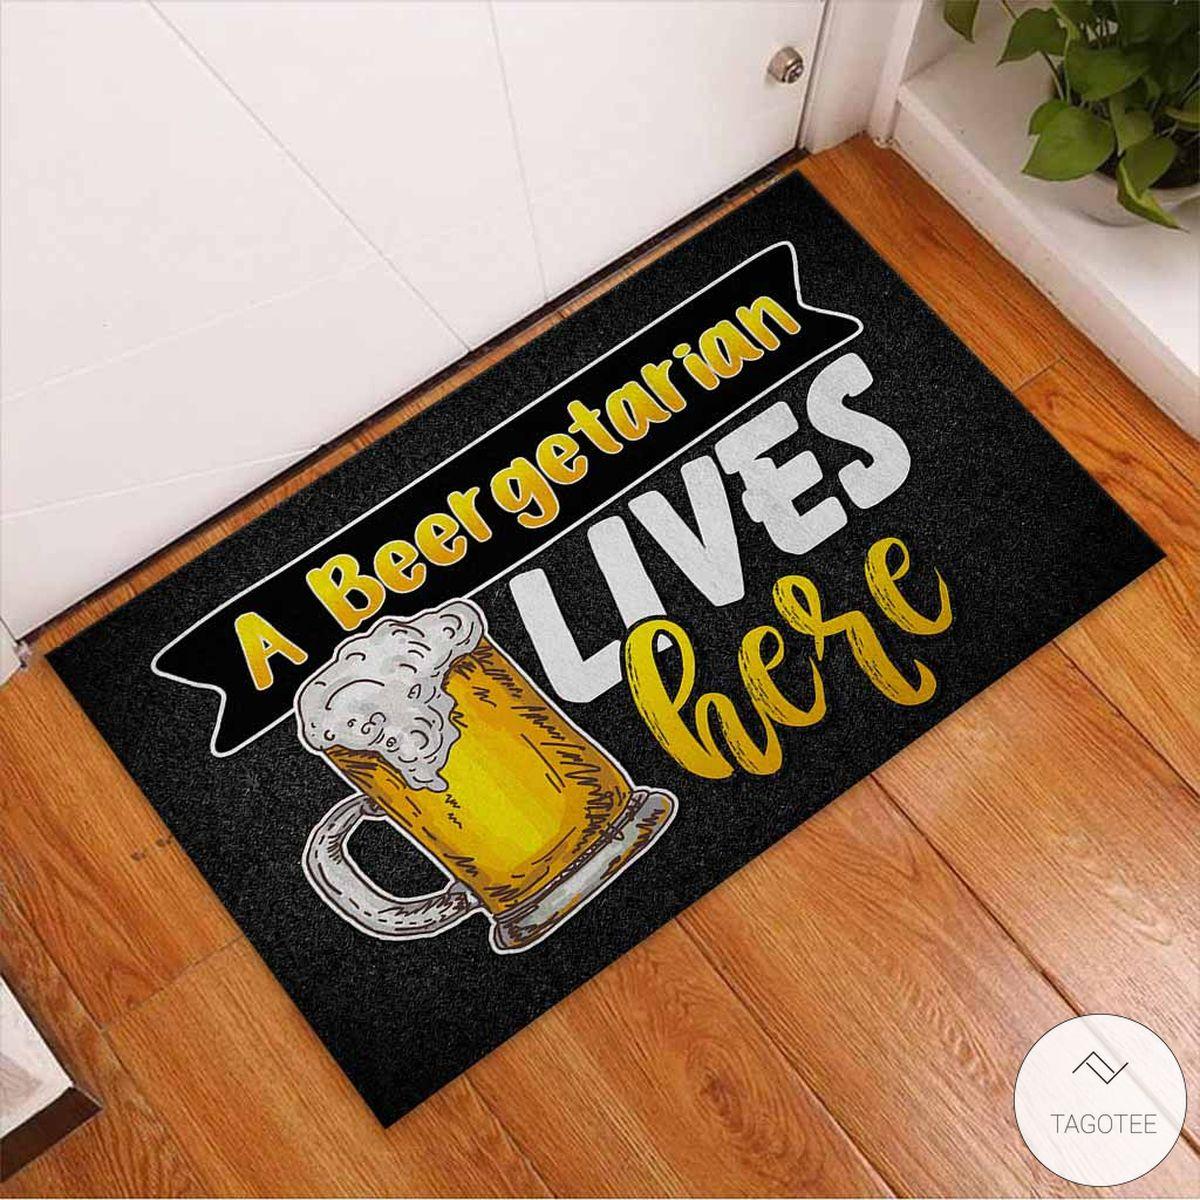 A Beergetarian Lives Here – Beer Doormatc